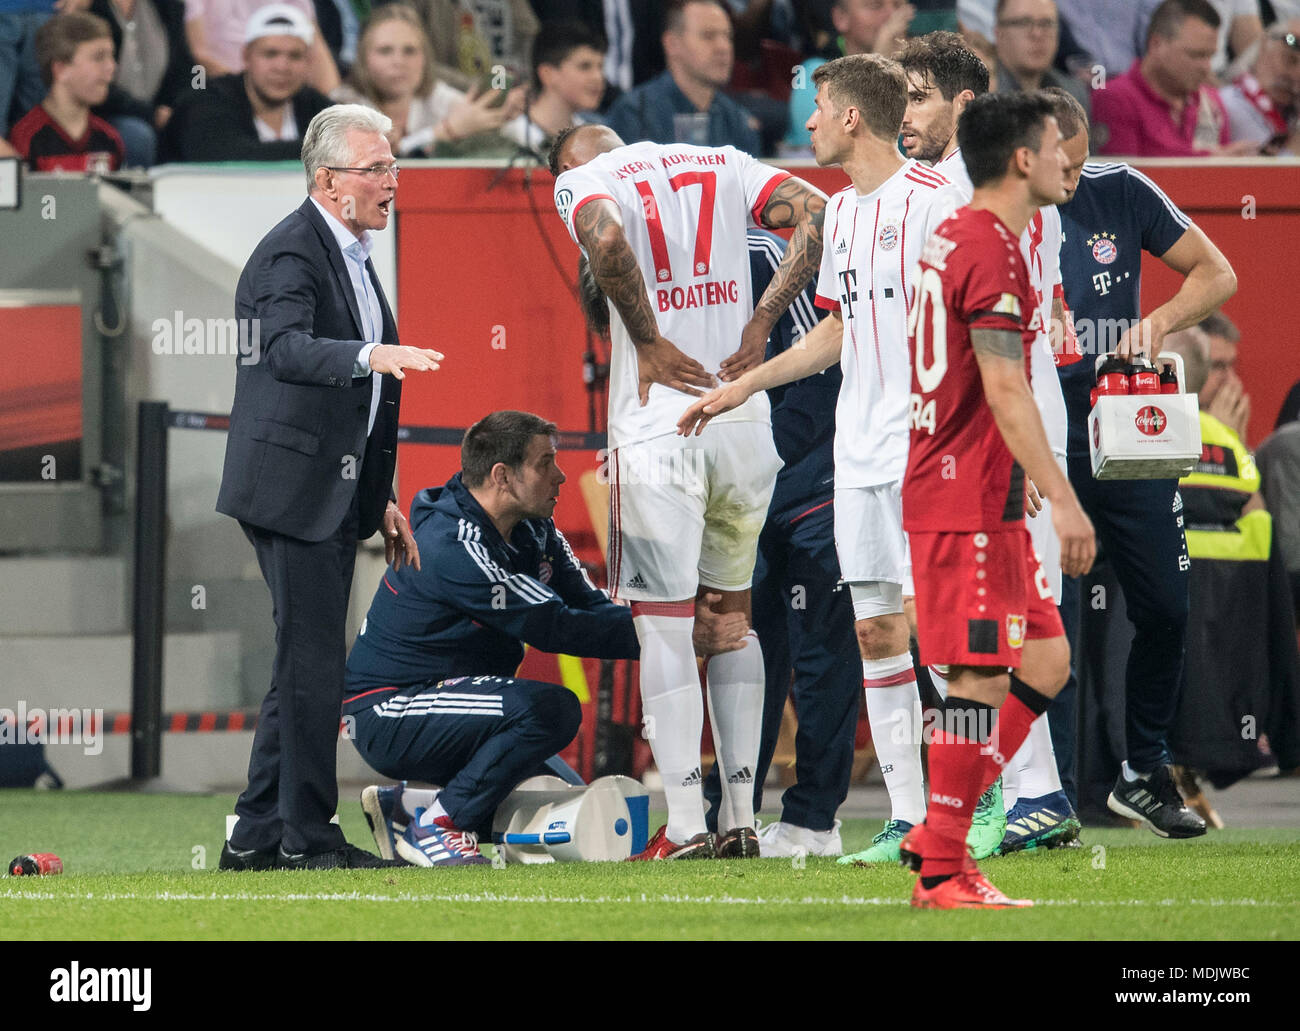 Allenamento calcio Bayer 04 Leverkusen nuova